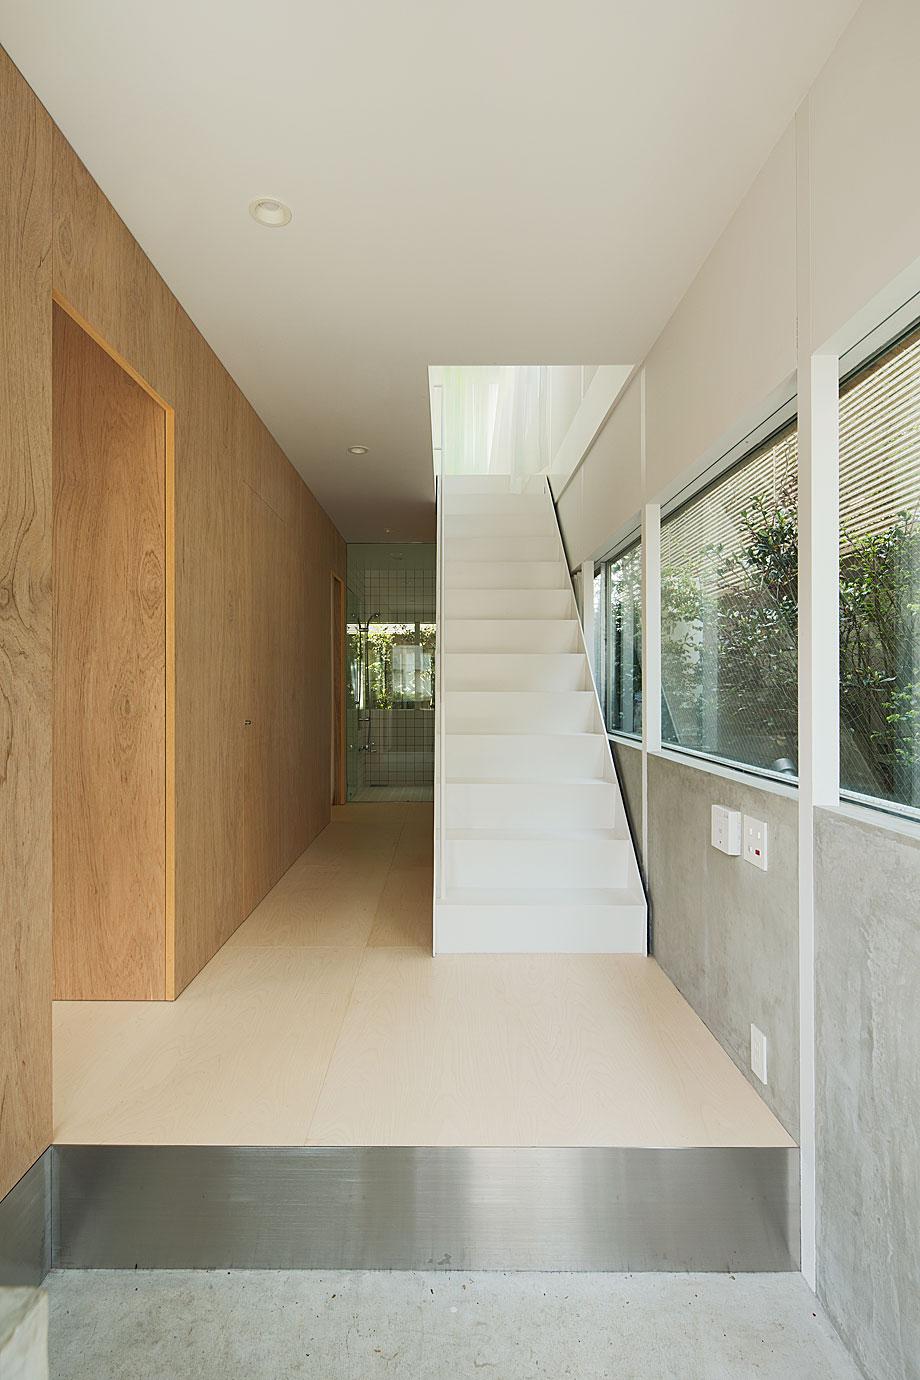 Con el jard n a la altura de los ojos de elding oscarson for Arquitectura interior